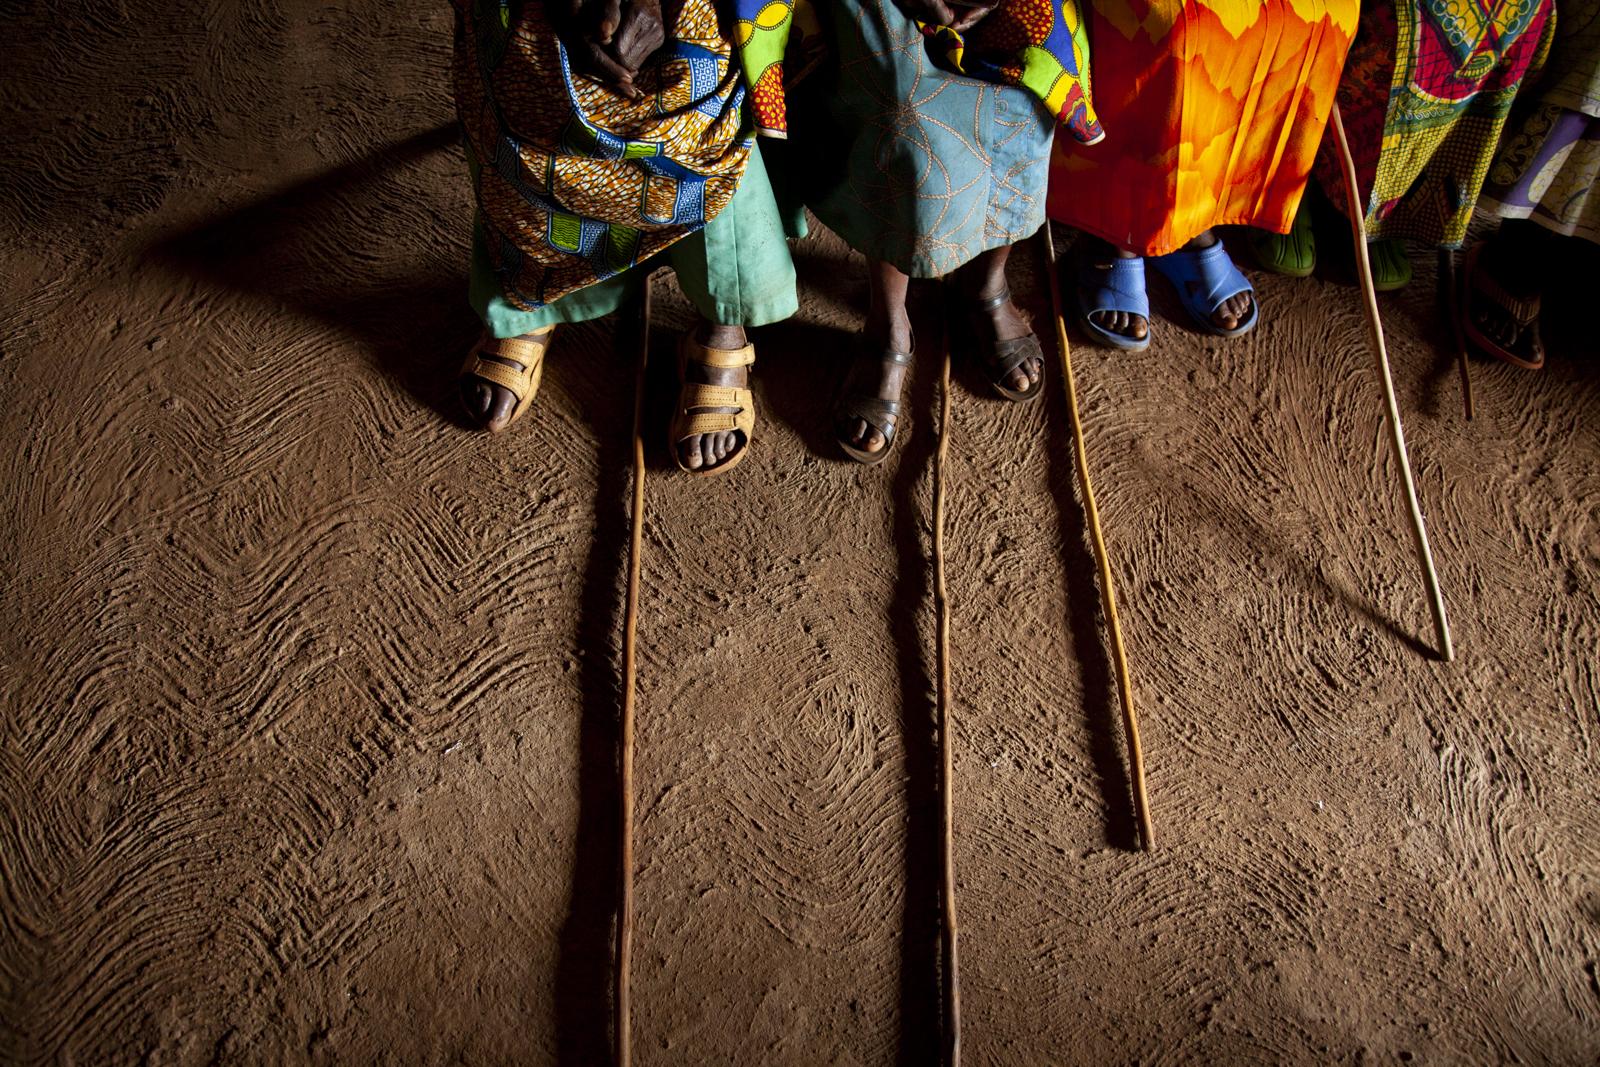 Gli anziani del villaggio hanno percorso molta strada per presenziare alla riunione nella capanna tradizionale di Rutongo. Trovato un posto a sedere, posano i bastoni a terra.